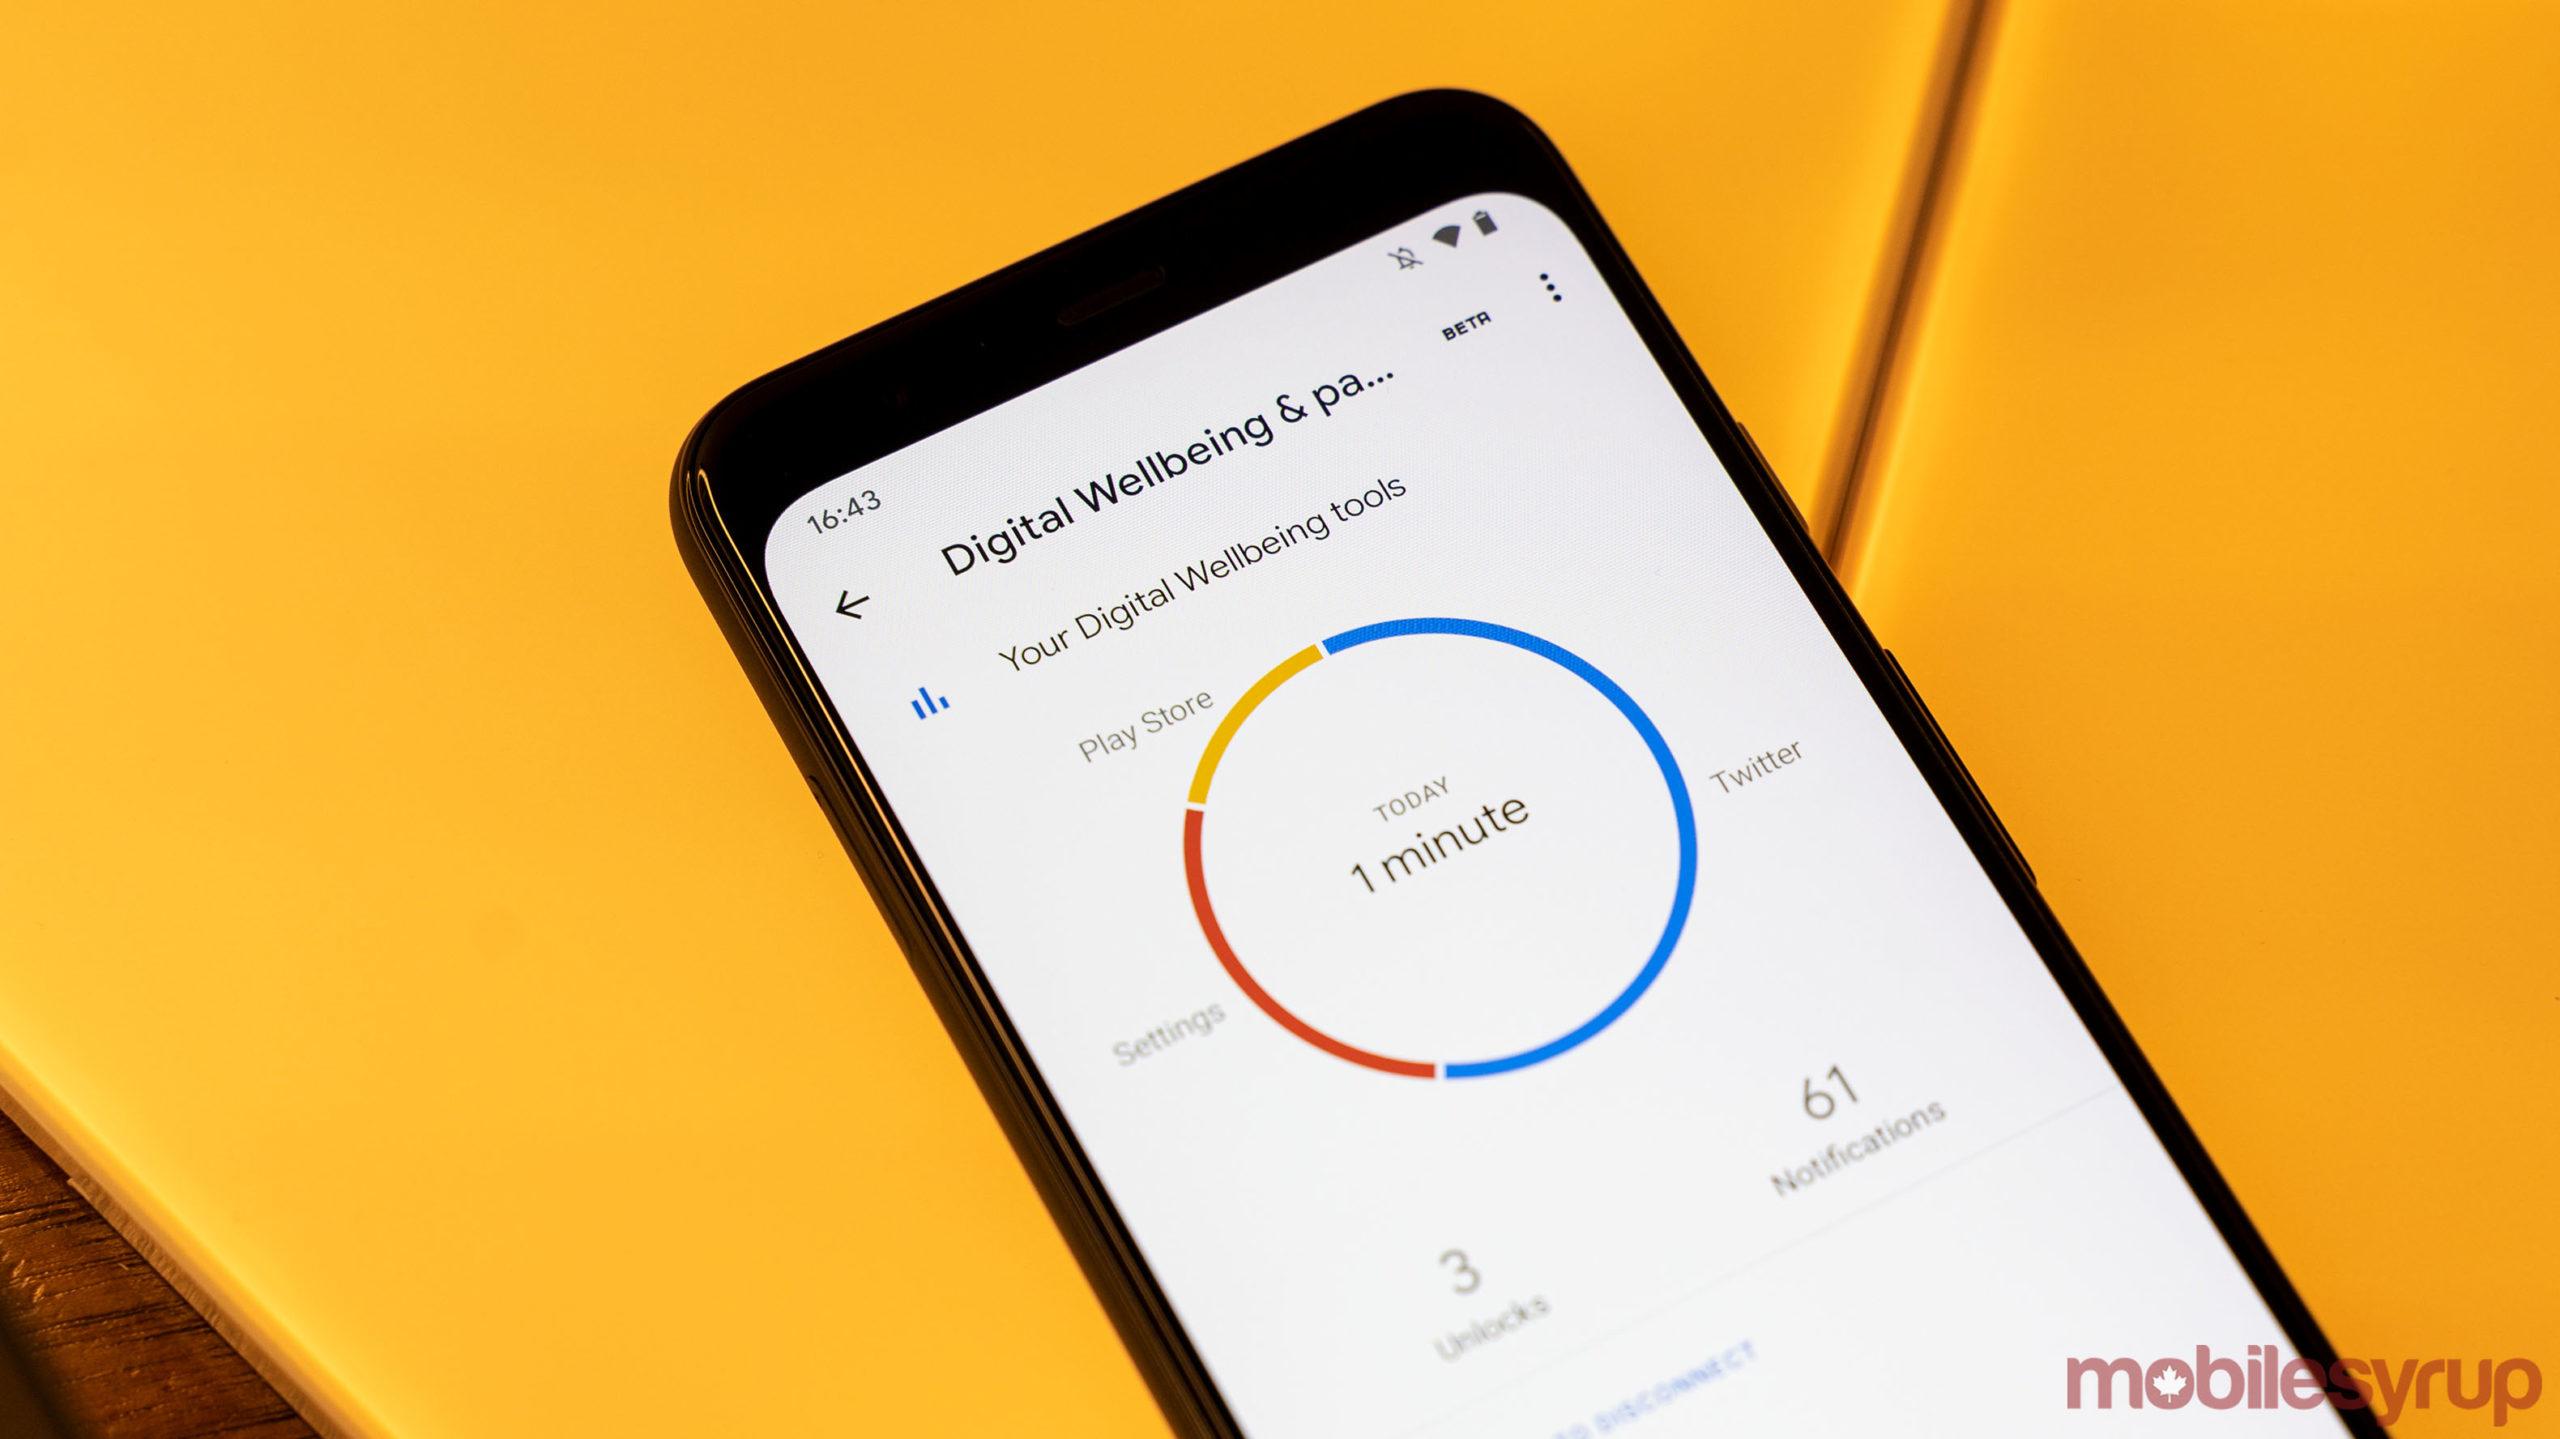 Digital Wellbeing on Pixel 4